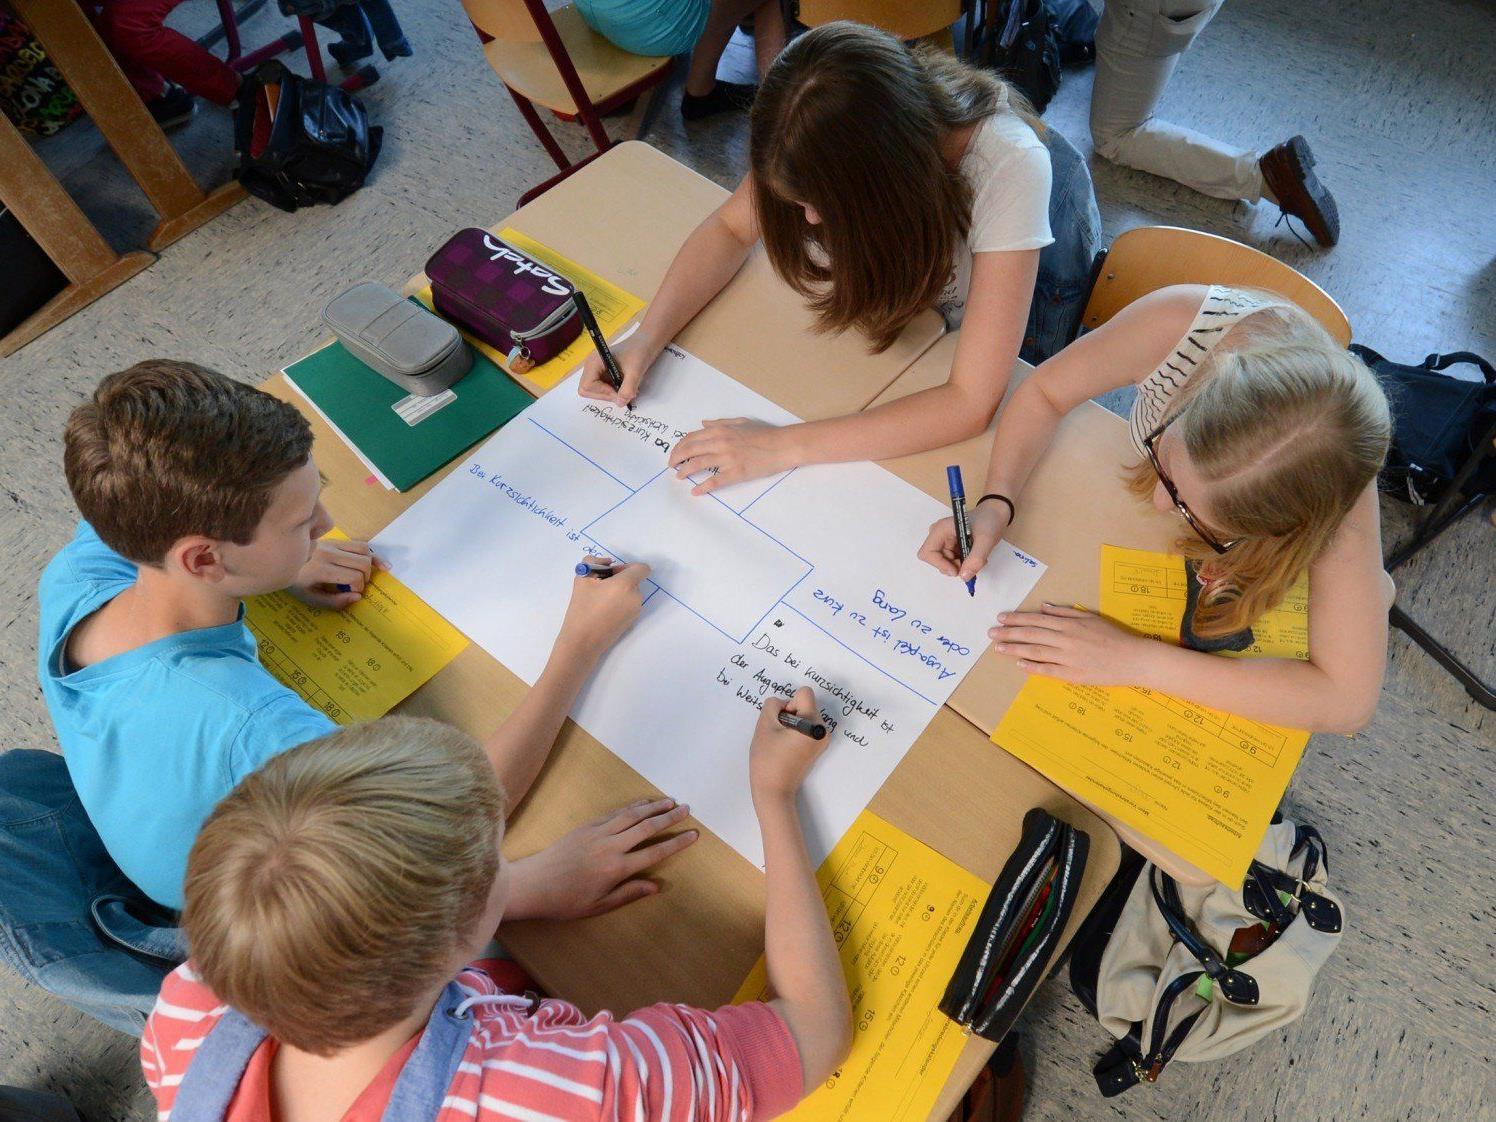 Zwischen den Ergebnissen der PISA-Studie und den Noten der österreichischen Schüler besteht nur ein geringer Zusammenhang.